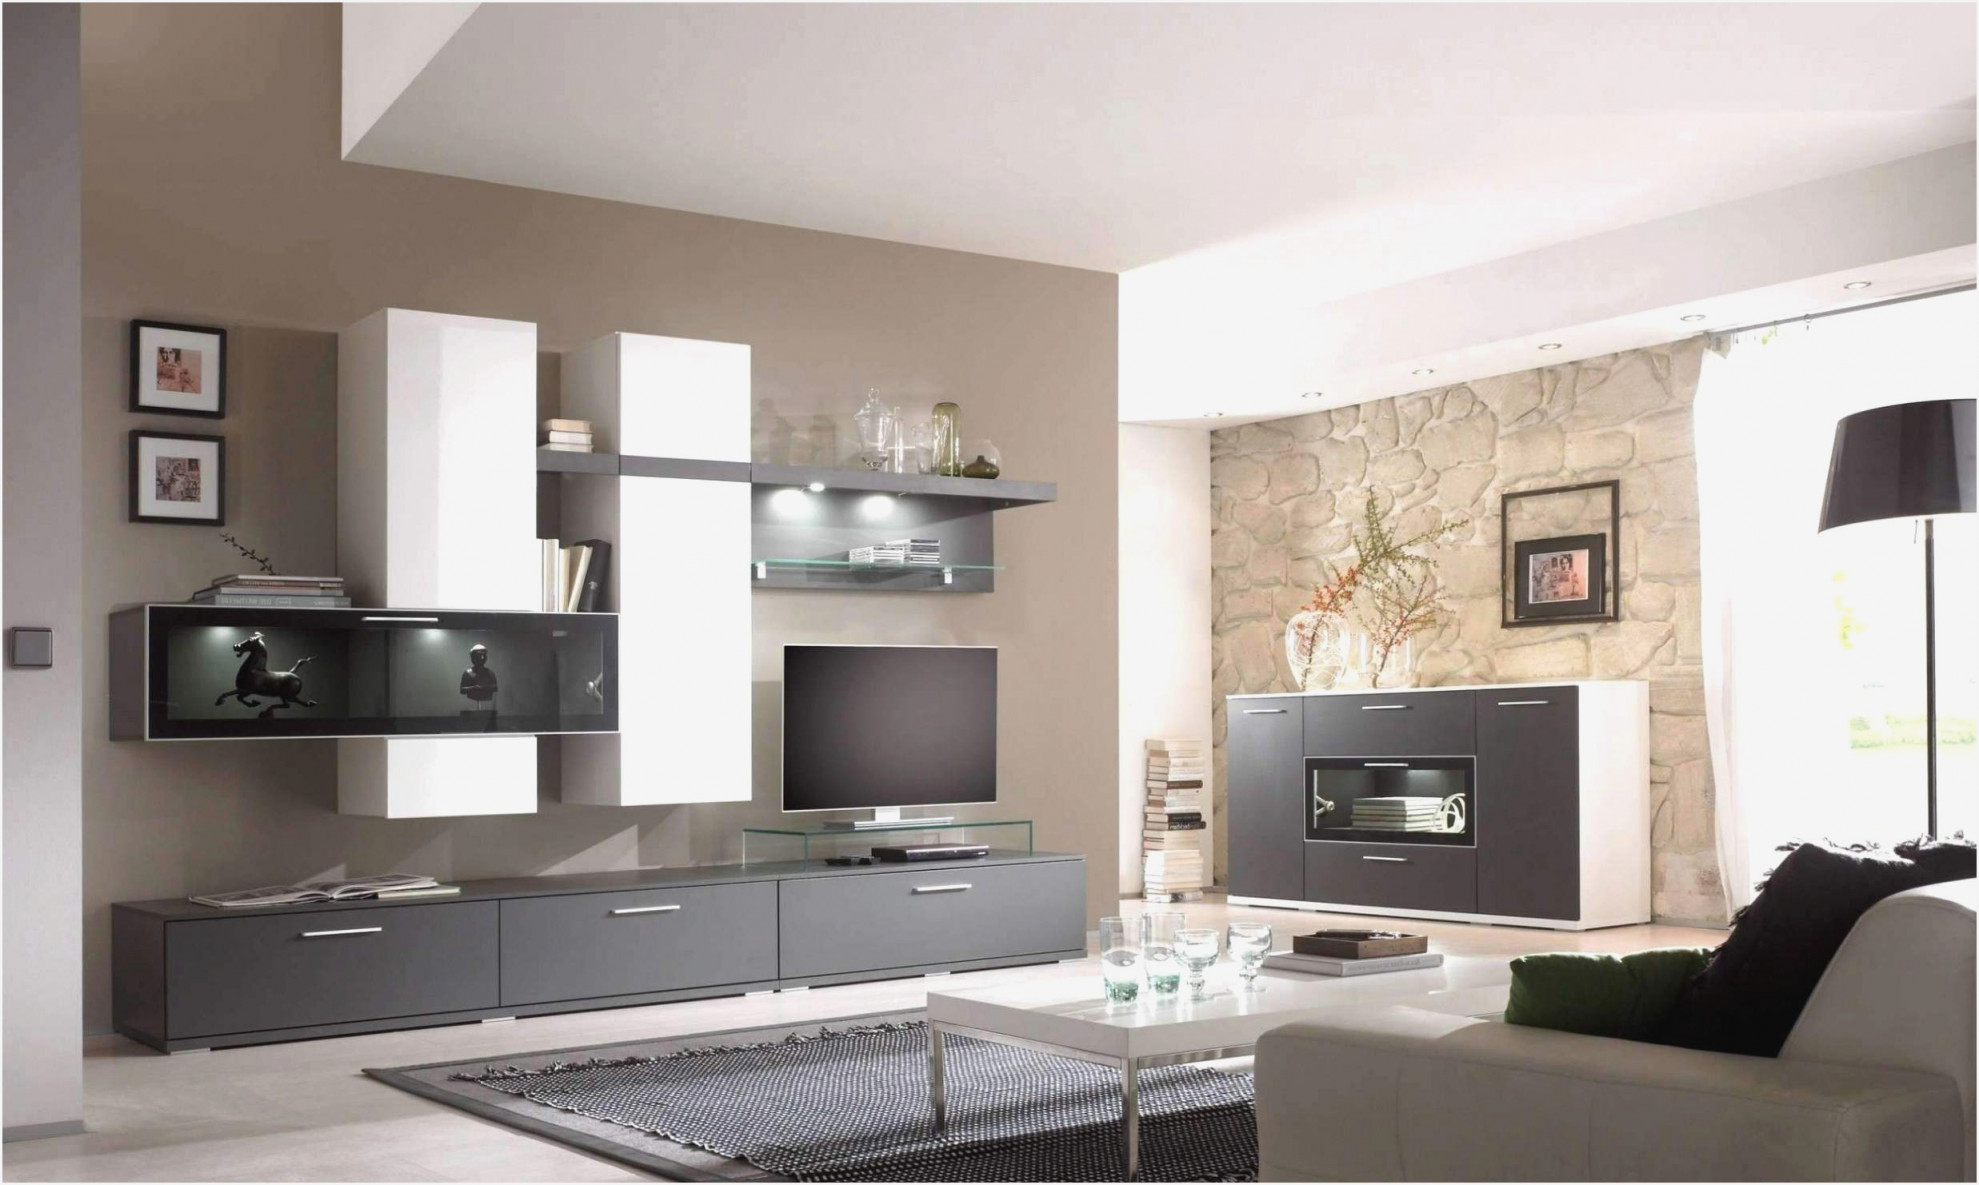 Modern Landhaus Wohnzimmer Einrichten  Wohnzimmer von Wohnzimmer Einrichten Modern Bild